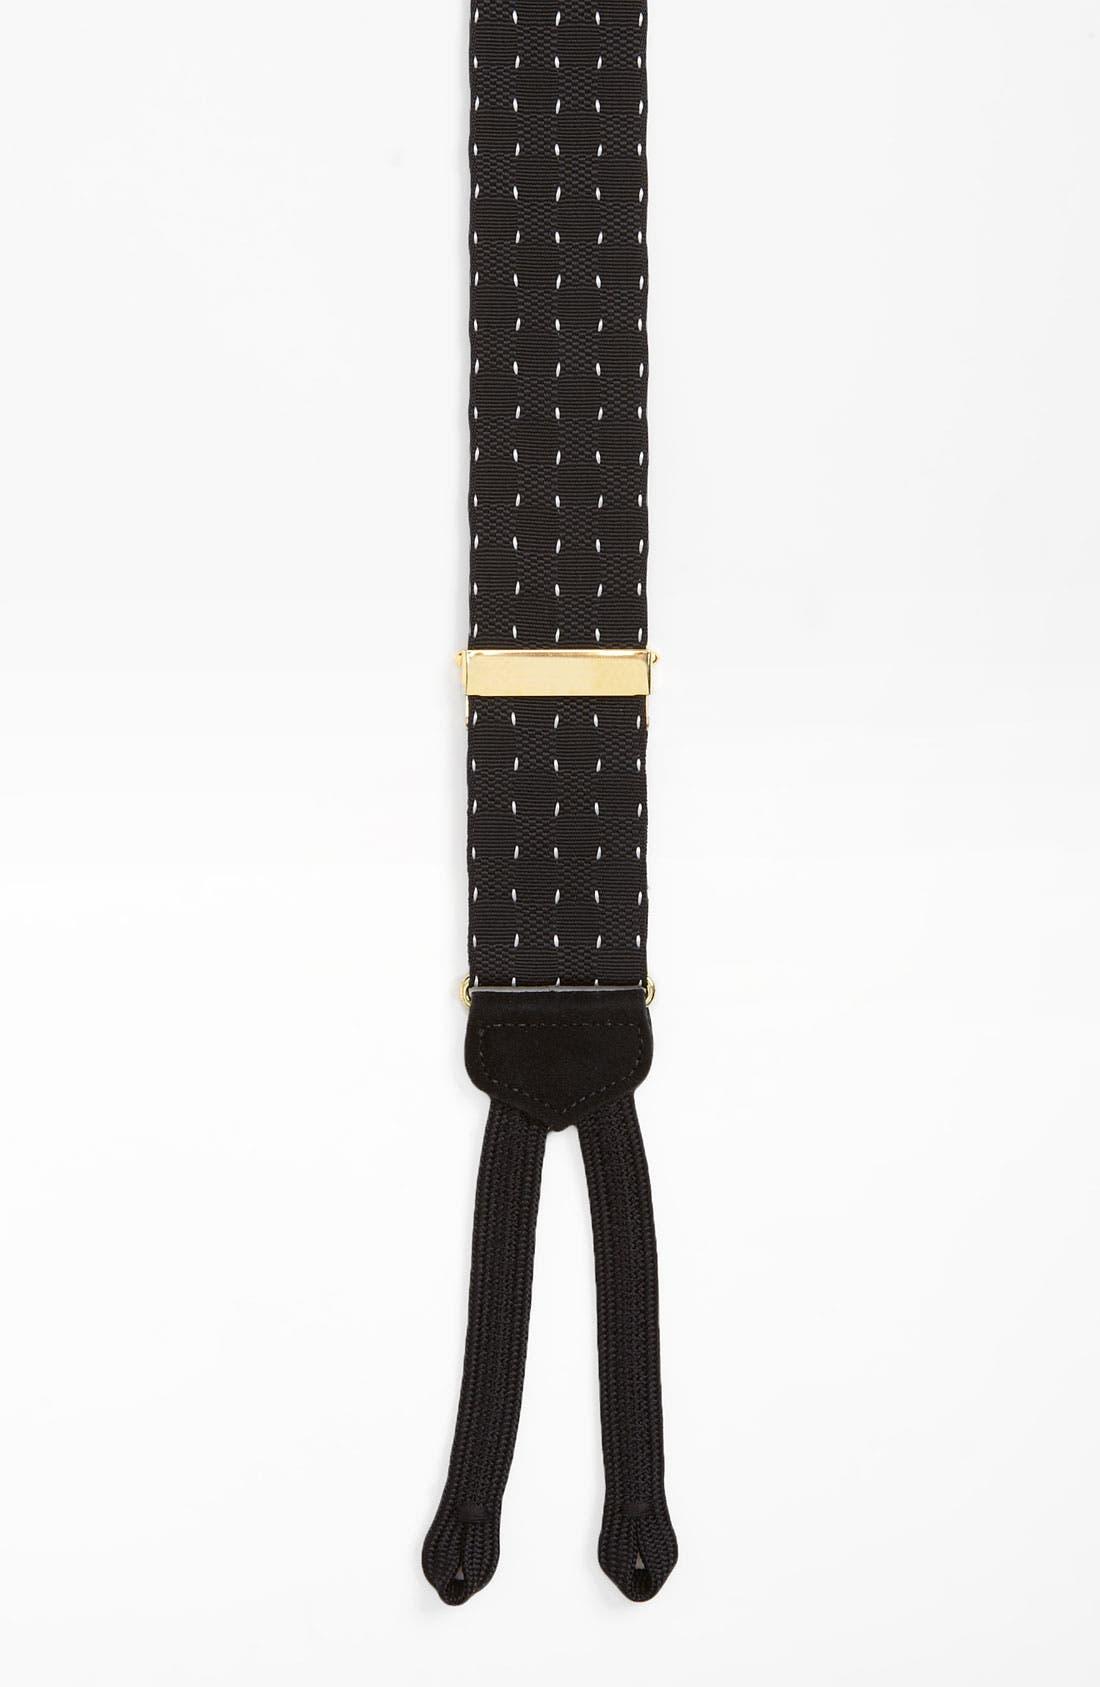 Alternate Image 1 Selected - Trafalgar Formal Pin Dot Suspenders